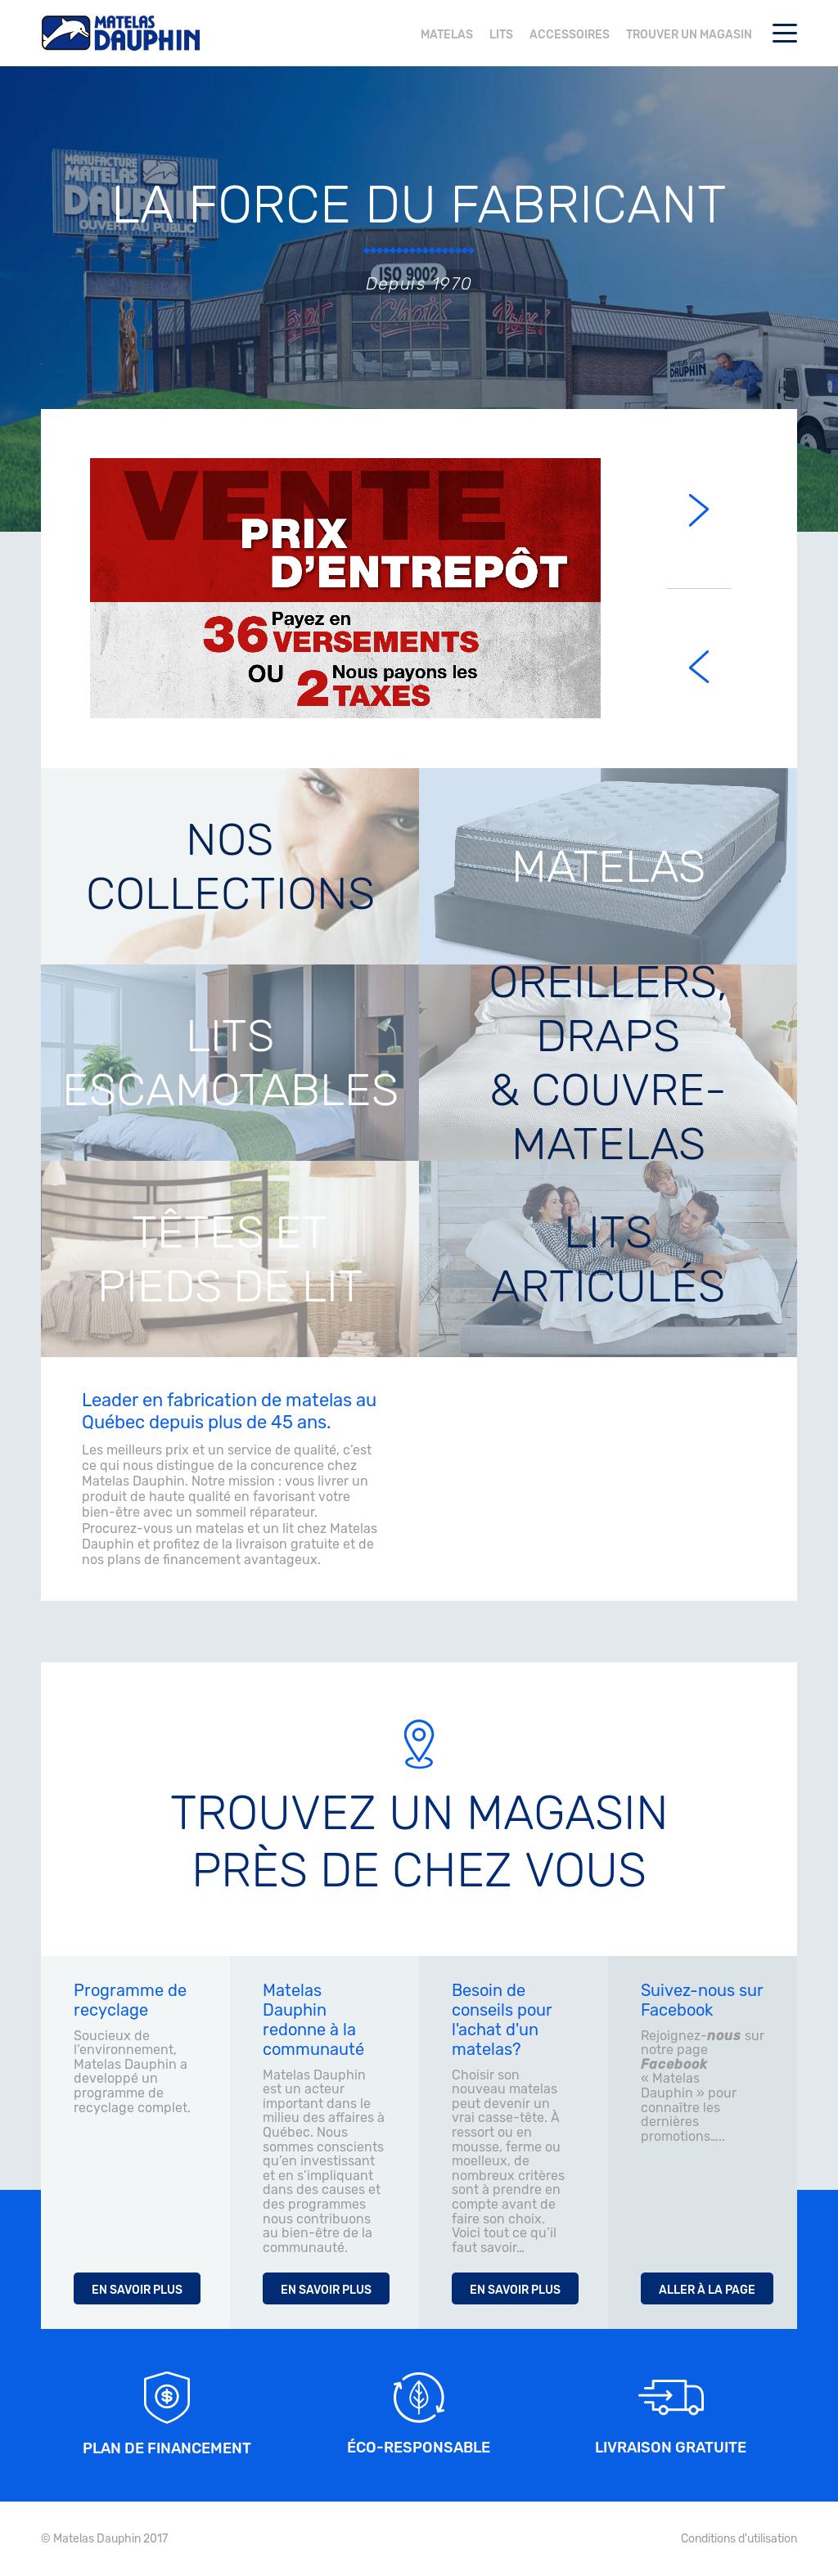 matelas conseils latest with matelas conseils qui na pas rv un jour de trouver un matelas pour. Black Bedroom Furniture Sets. Home Design Ideas